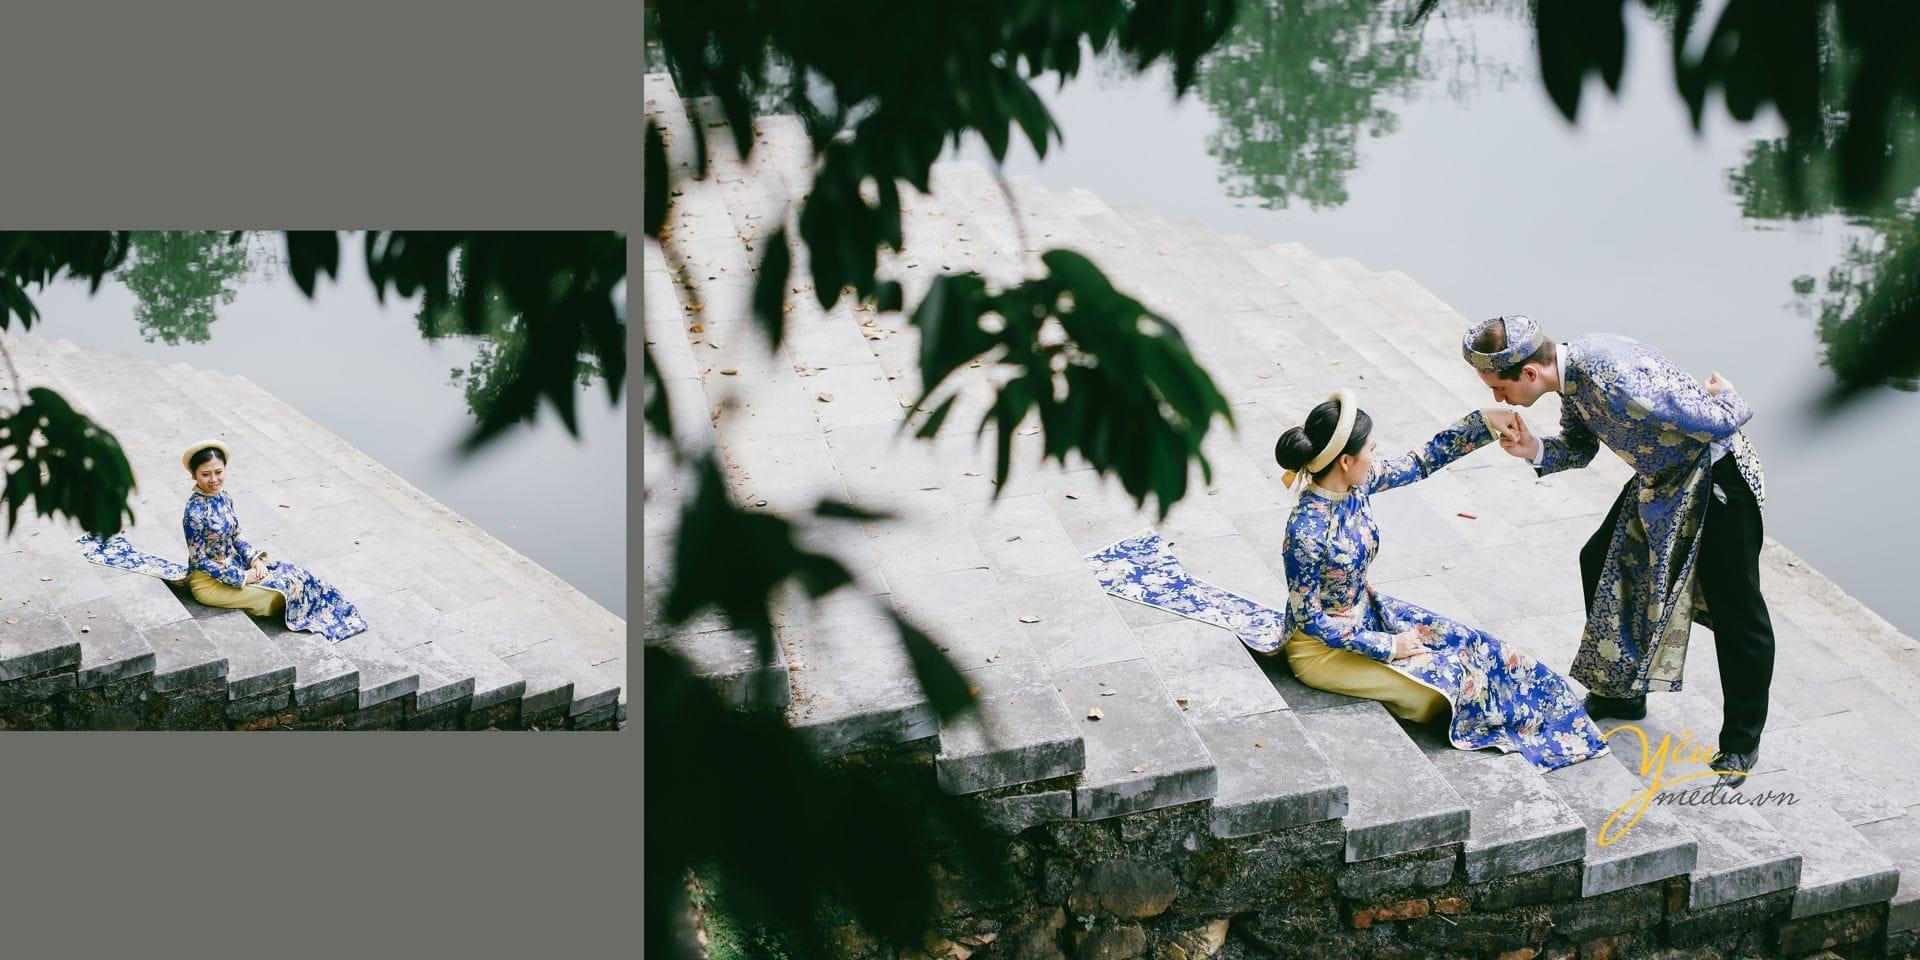 ảnh cưới chụp áo dài cổ truyền tại bậc thềm đại nội huế